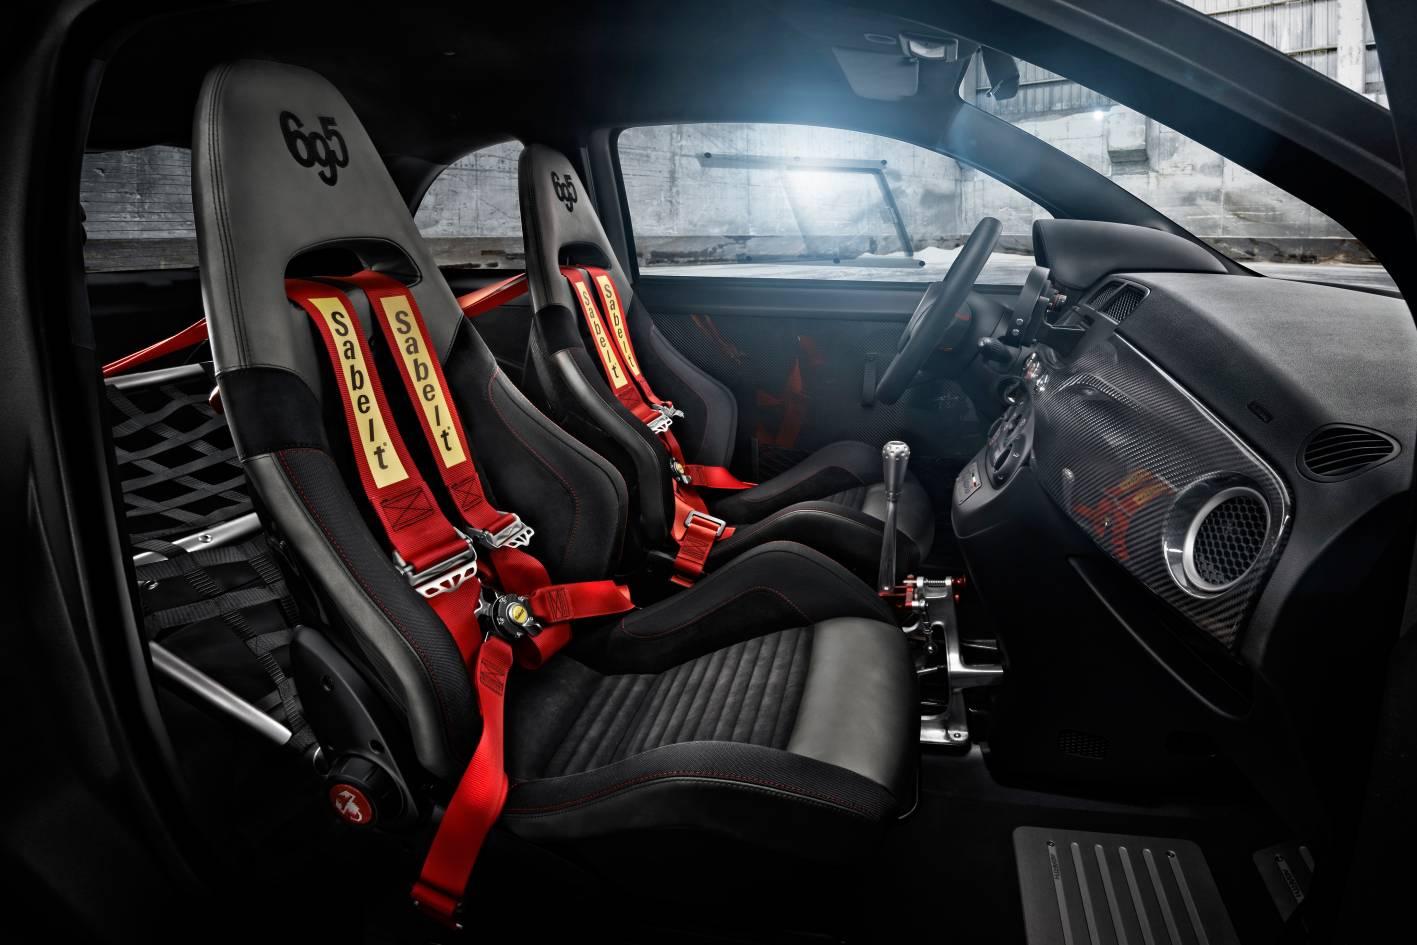 abarth-695-biposto-racing-seats.jpg